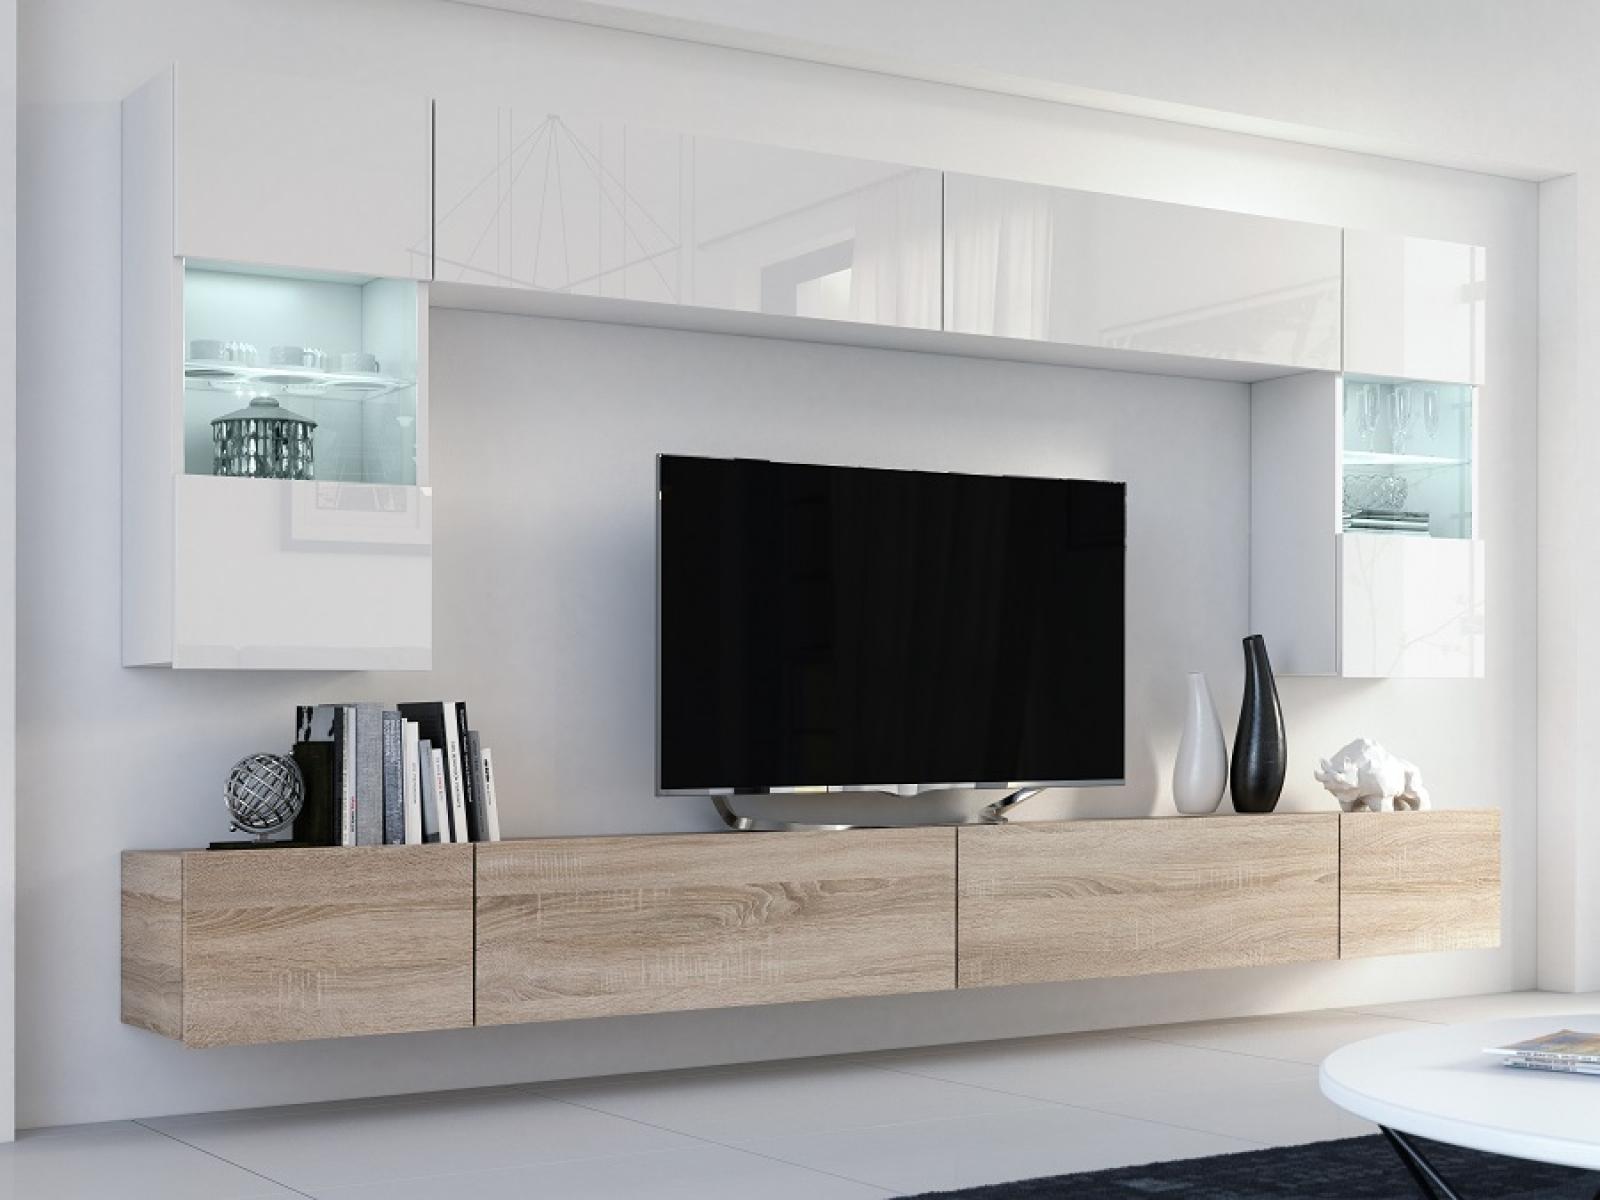 Wohnwand Flow Weiß Hochglanz/ Weiß + Sonoma Mediawand Medienwand Design  Modern Led Beleuchtung MDF Hochglanz Hängewand Hängeschrank TV Wand